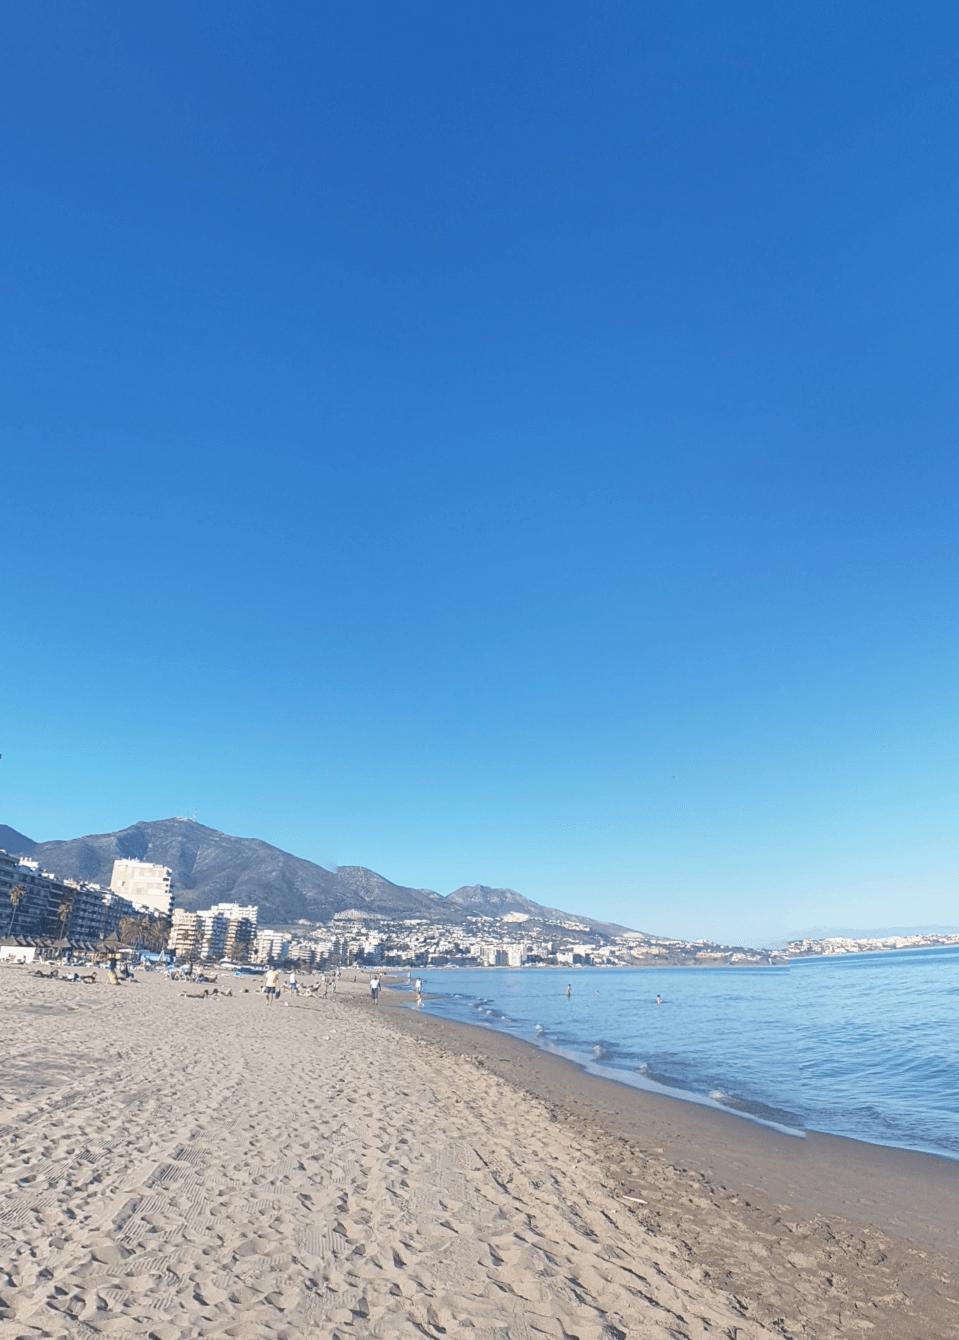 Alquileres de Casas Vacacionales en Fuengirola